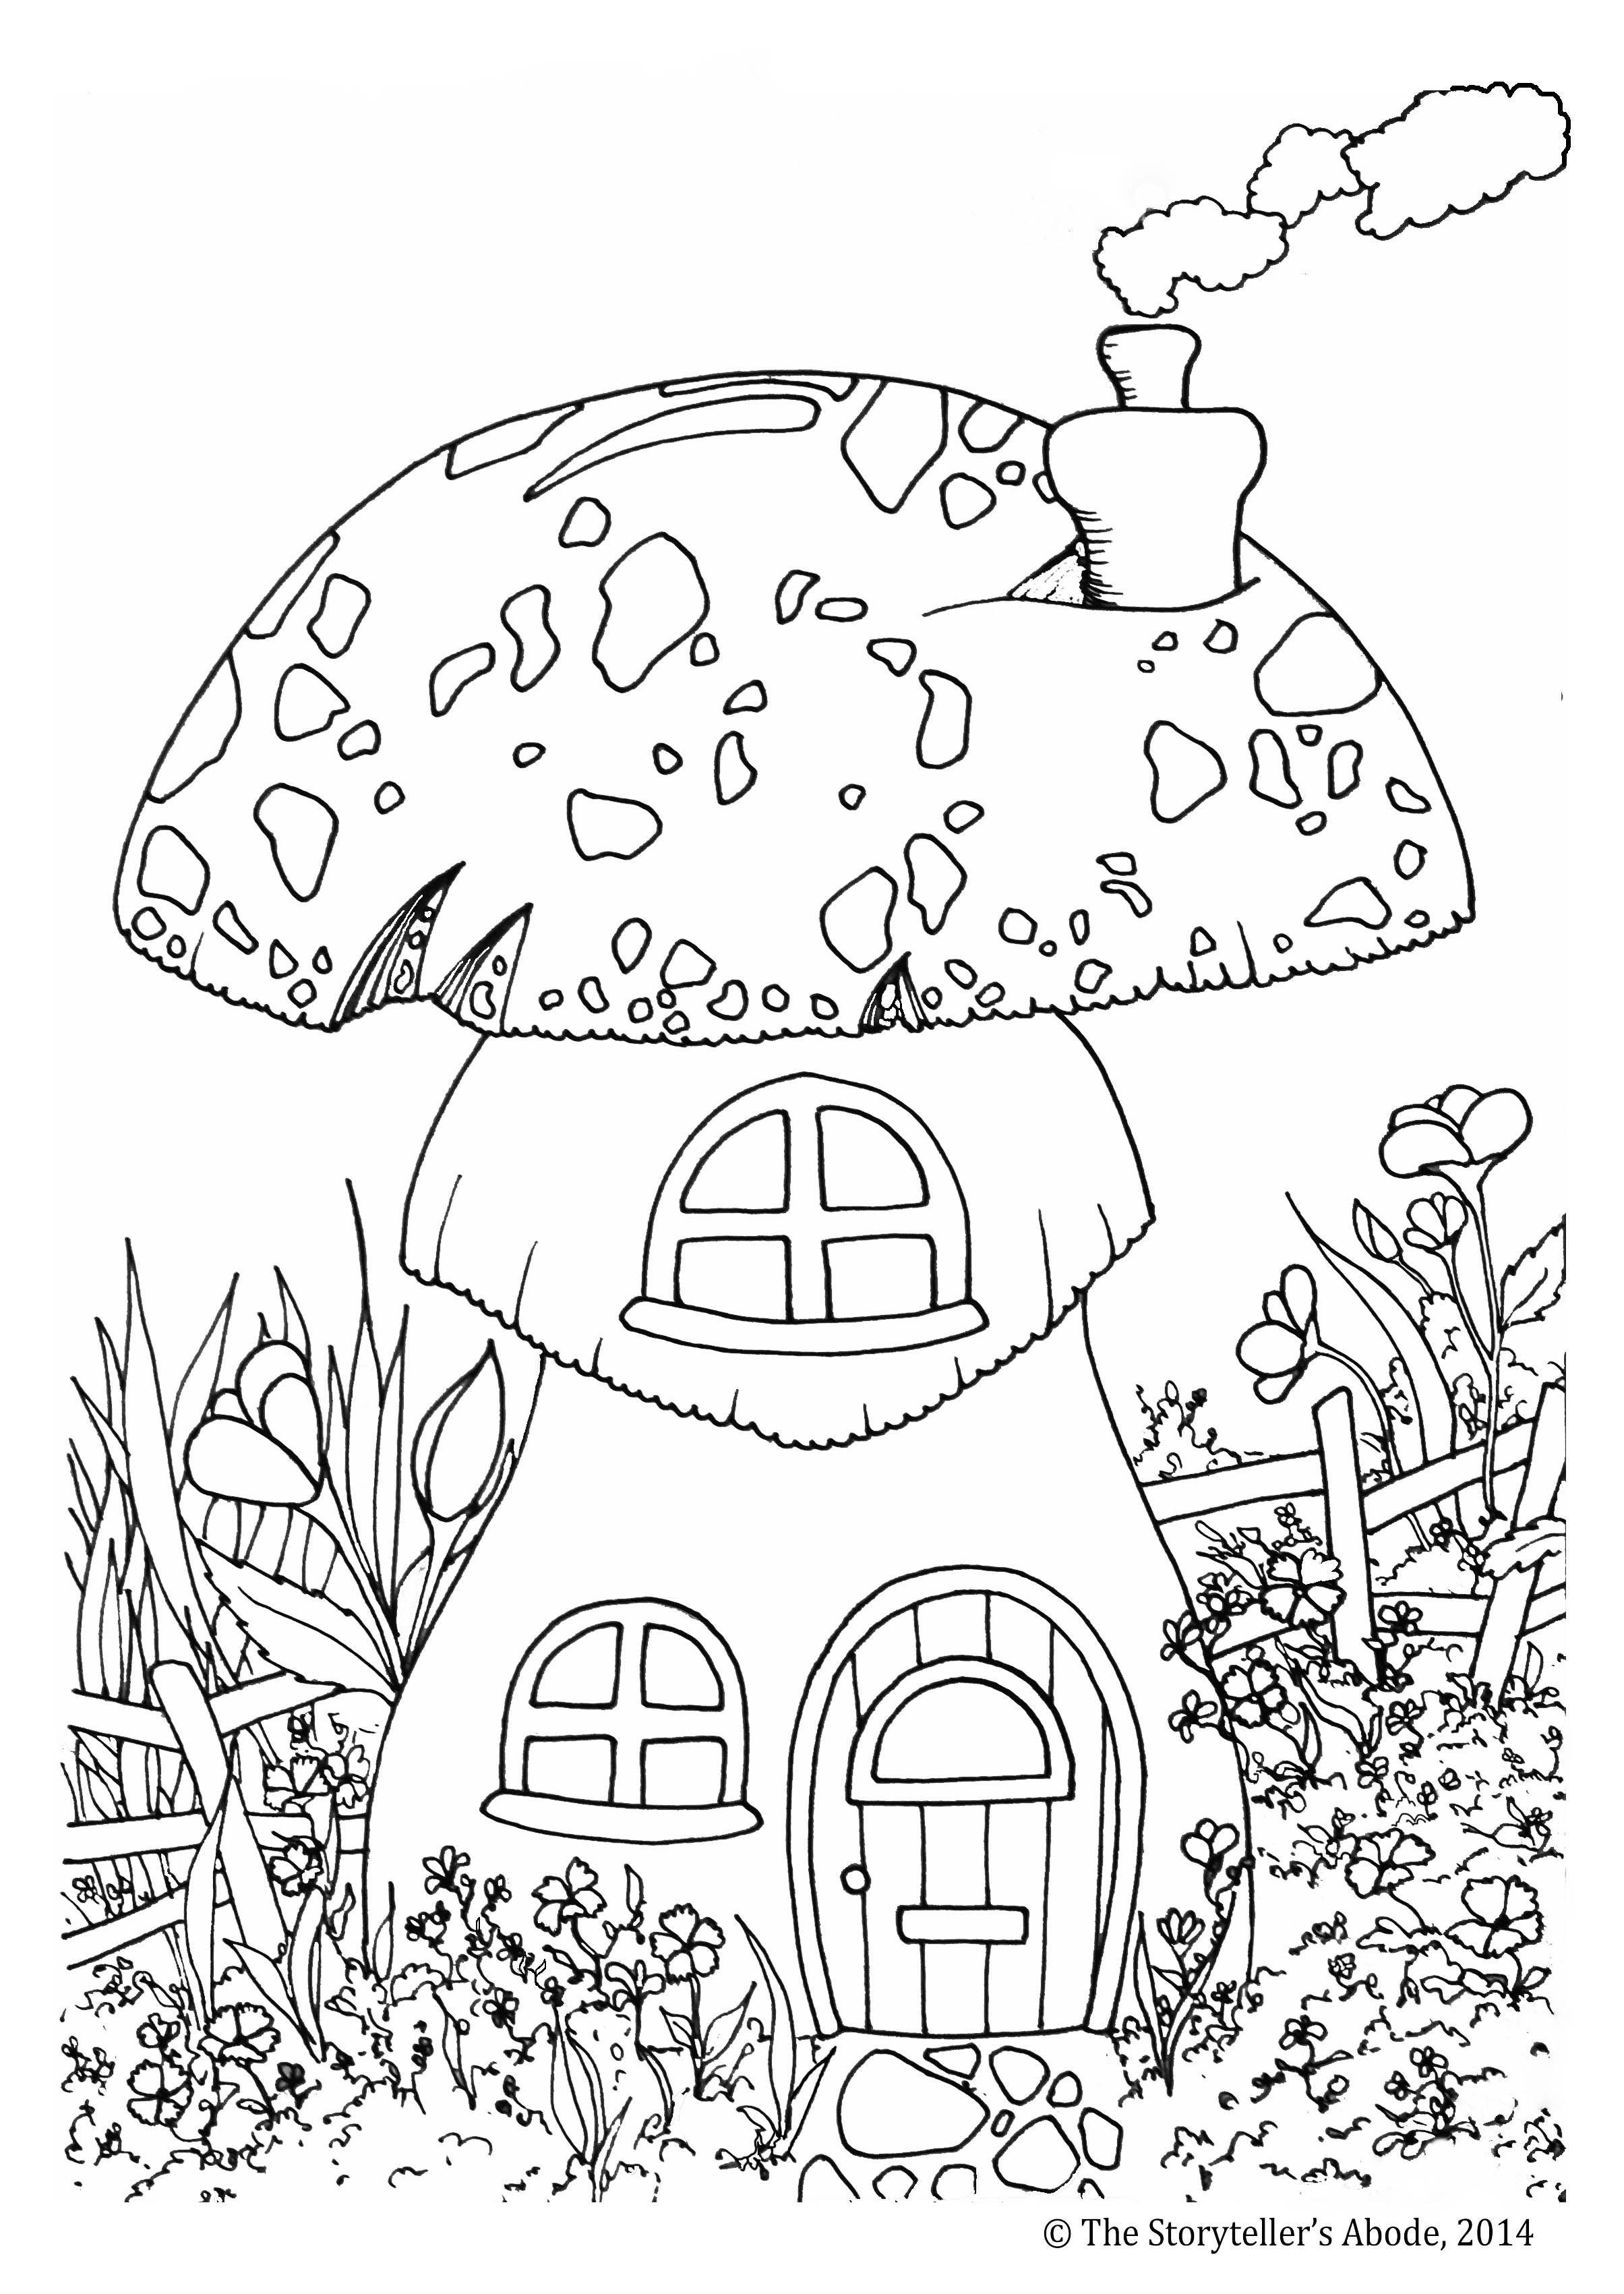 toadstool-house.jpg (2409×3402)